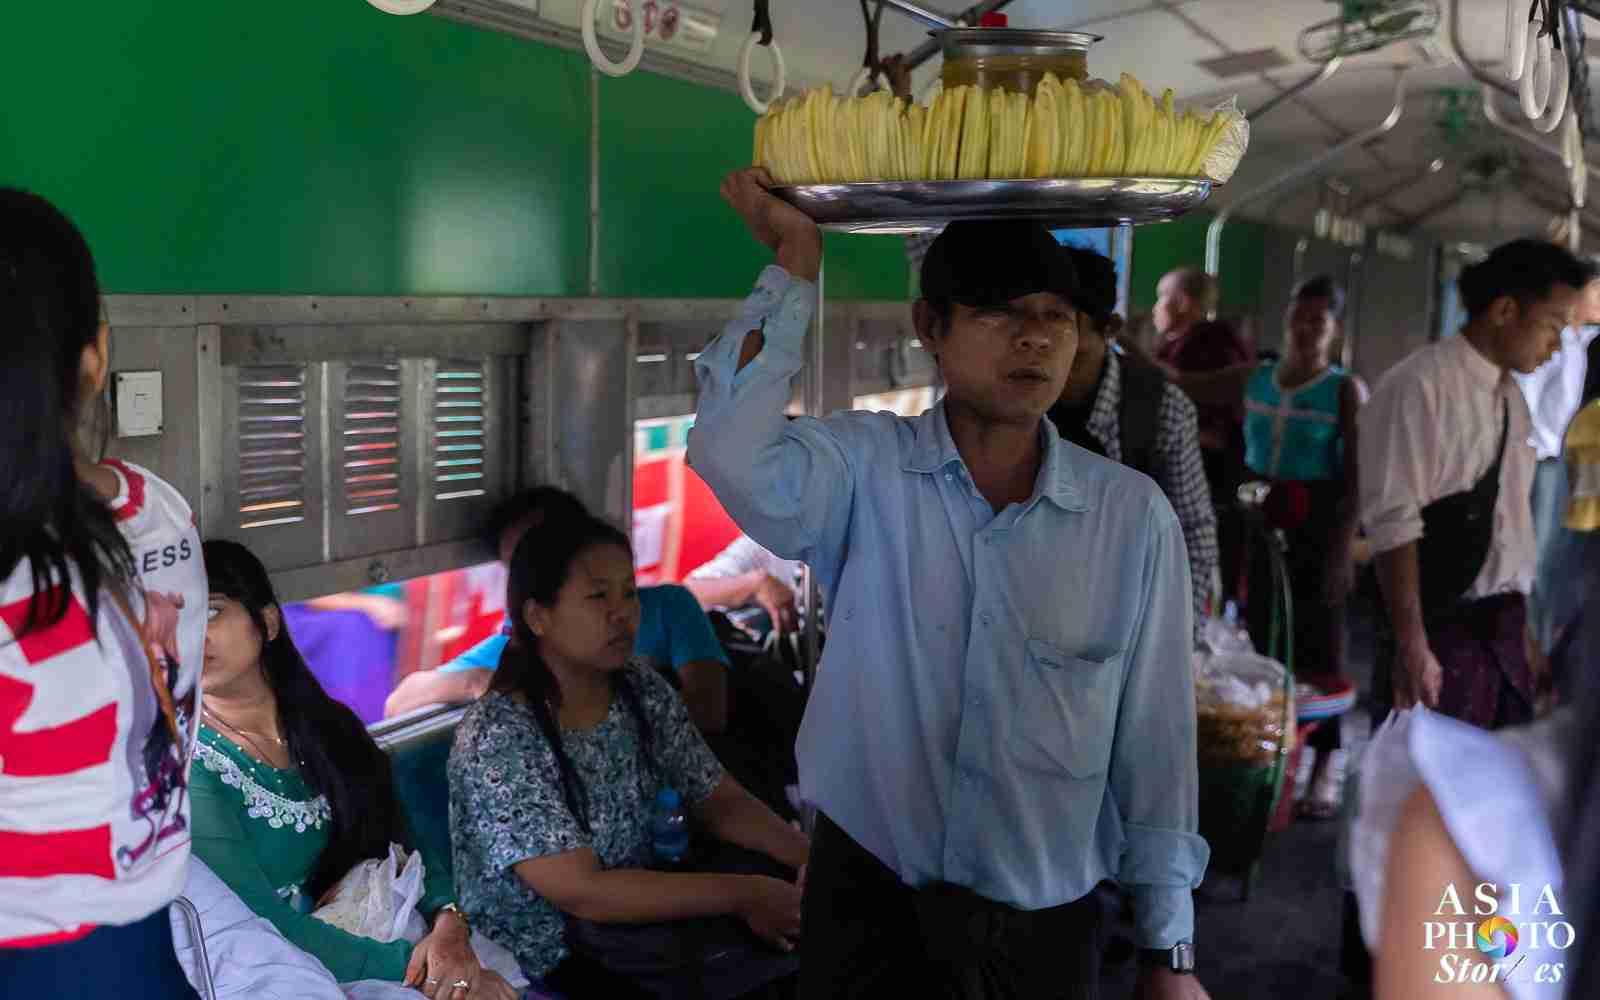 A vendor sells his wares on a Yangon train.